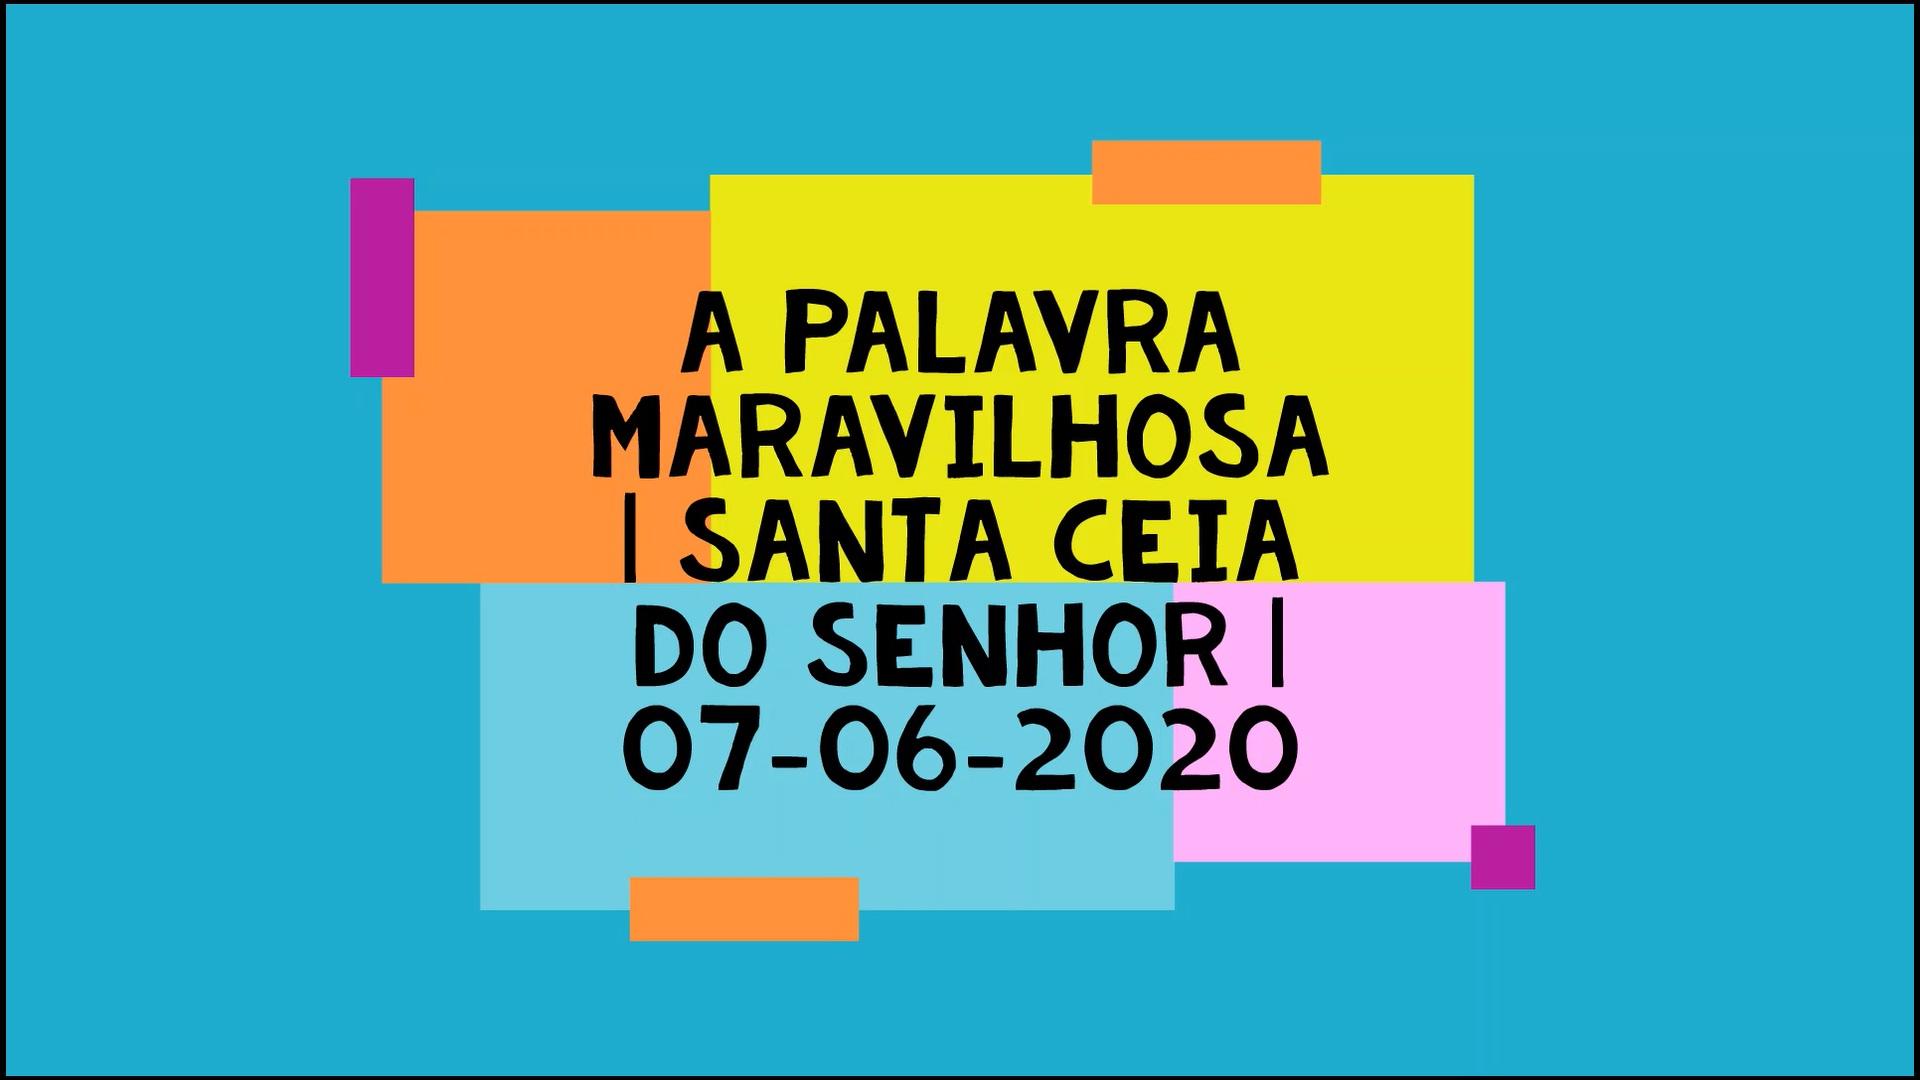 Mensagem e Santa Ceia do Senhor do dia 07/06/2020 por Zito da Silva  A Palavra Maravilhosa  João 3